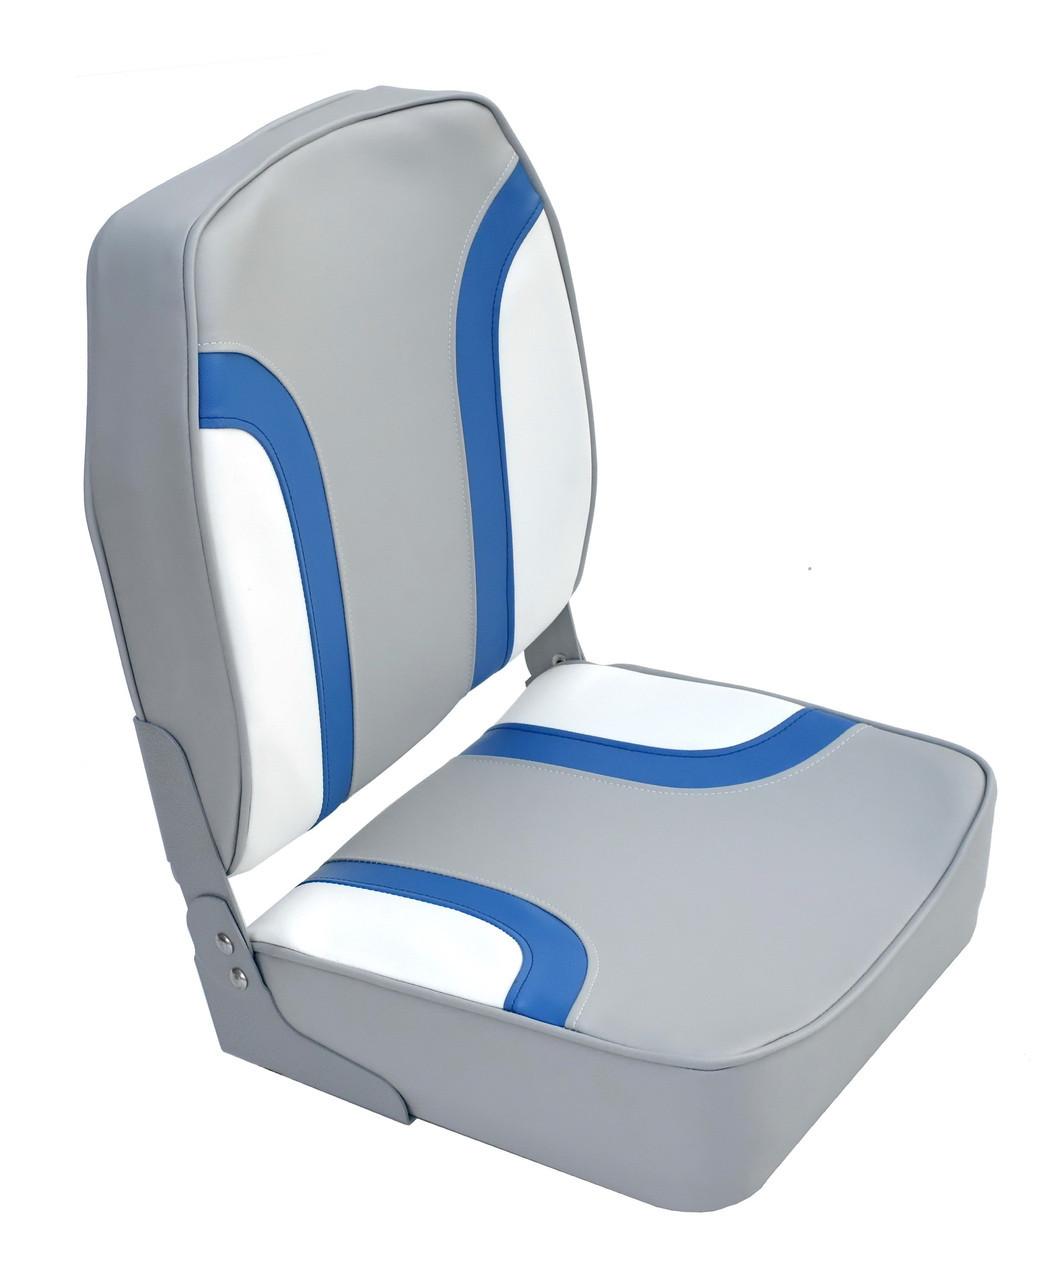 Сиденье высокое светлосерое/сине-белое